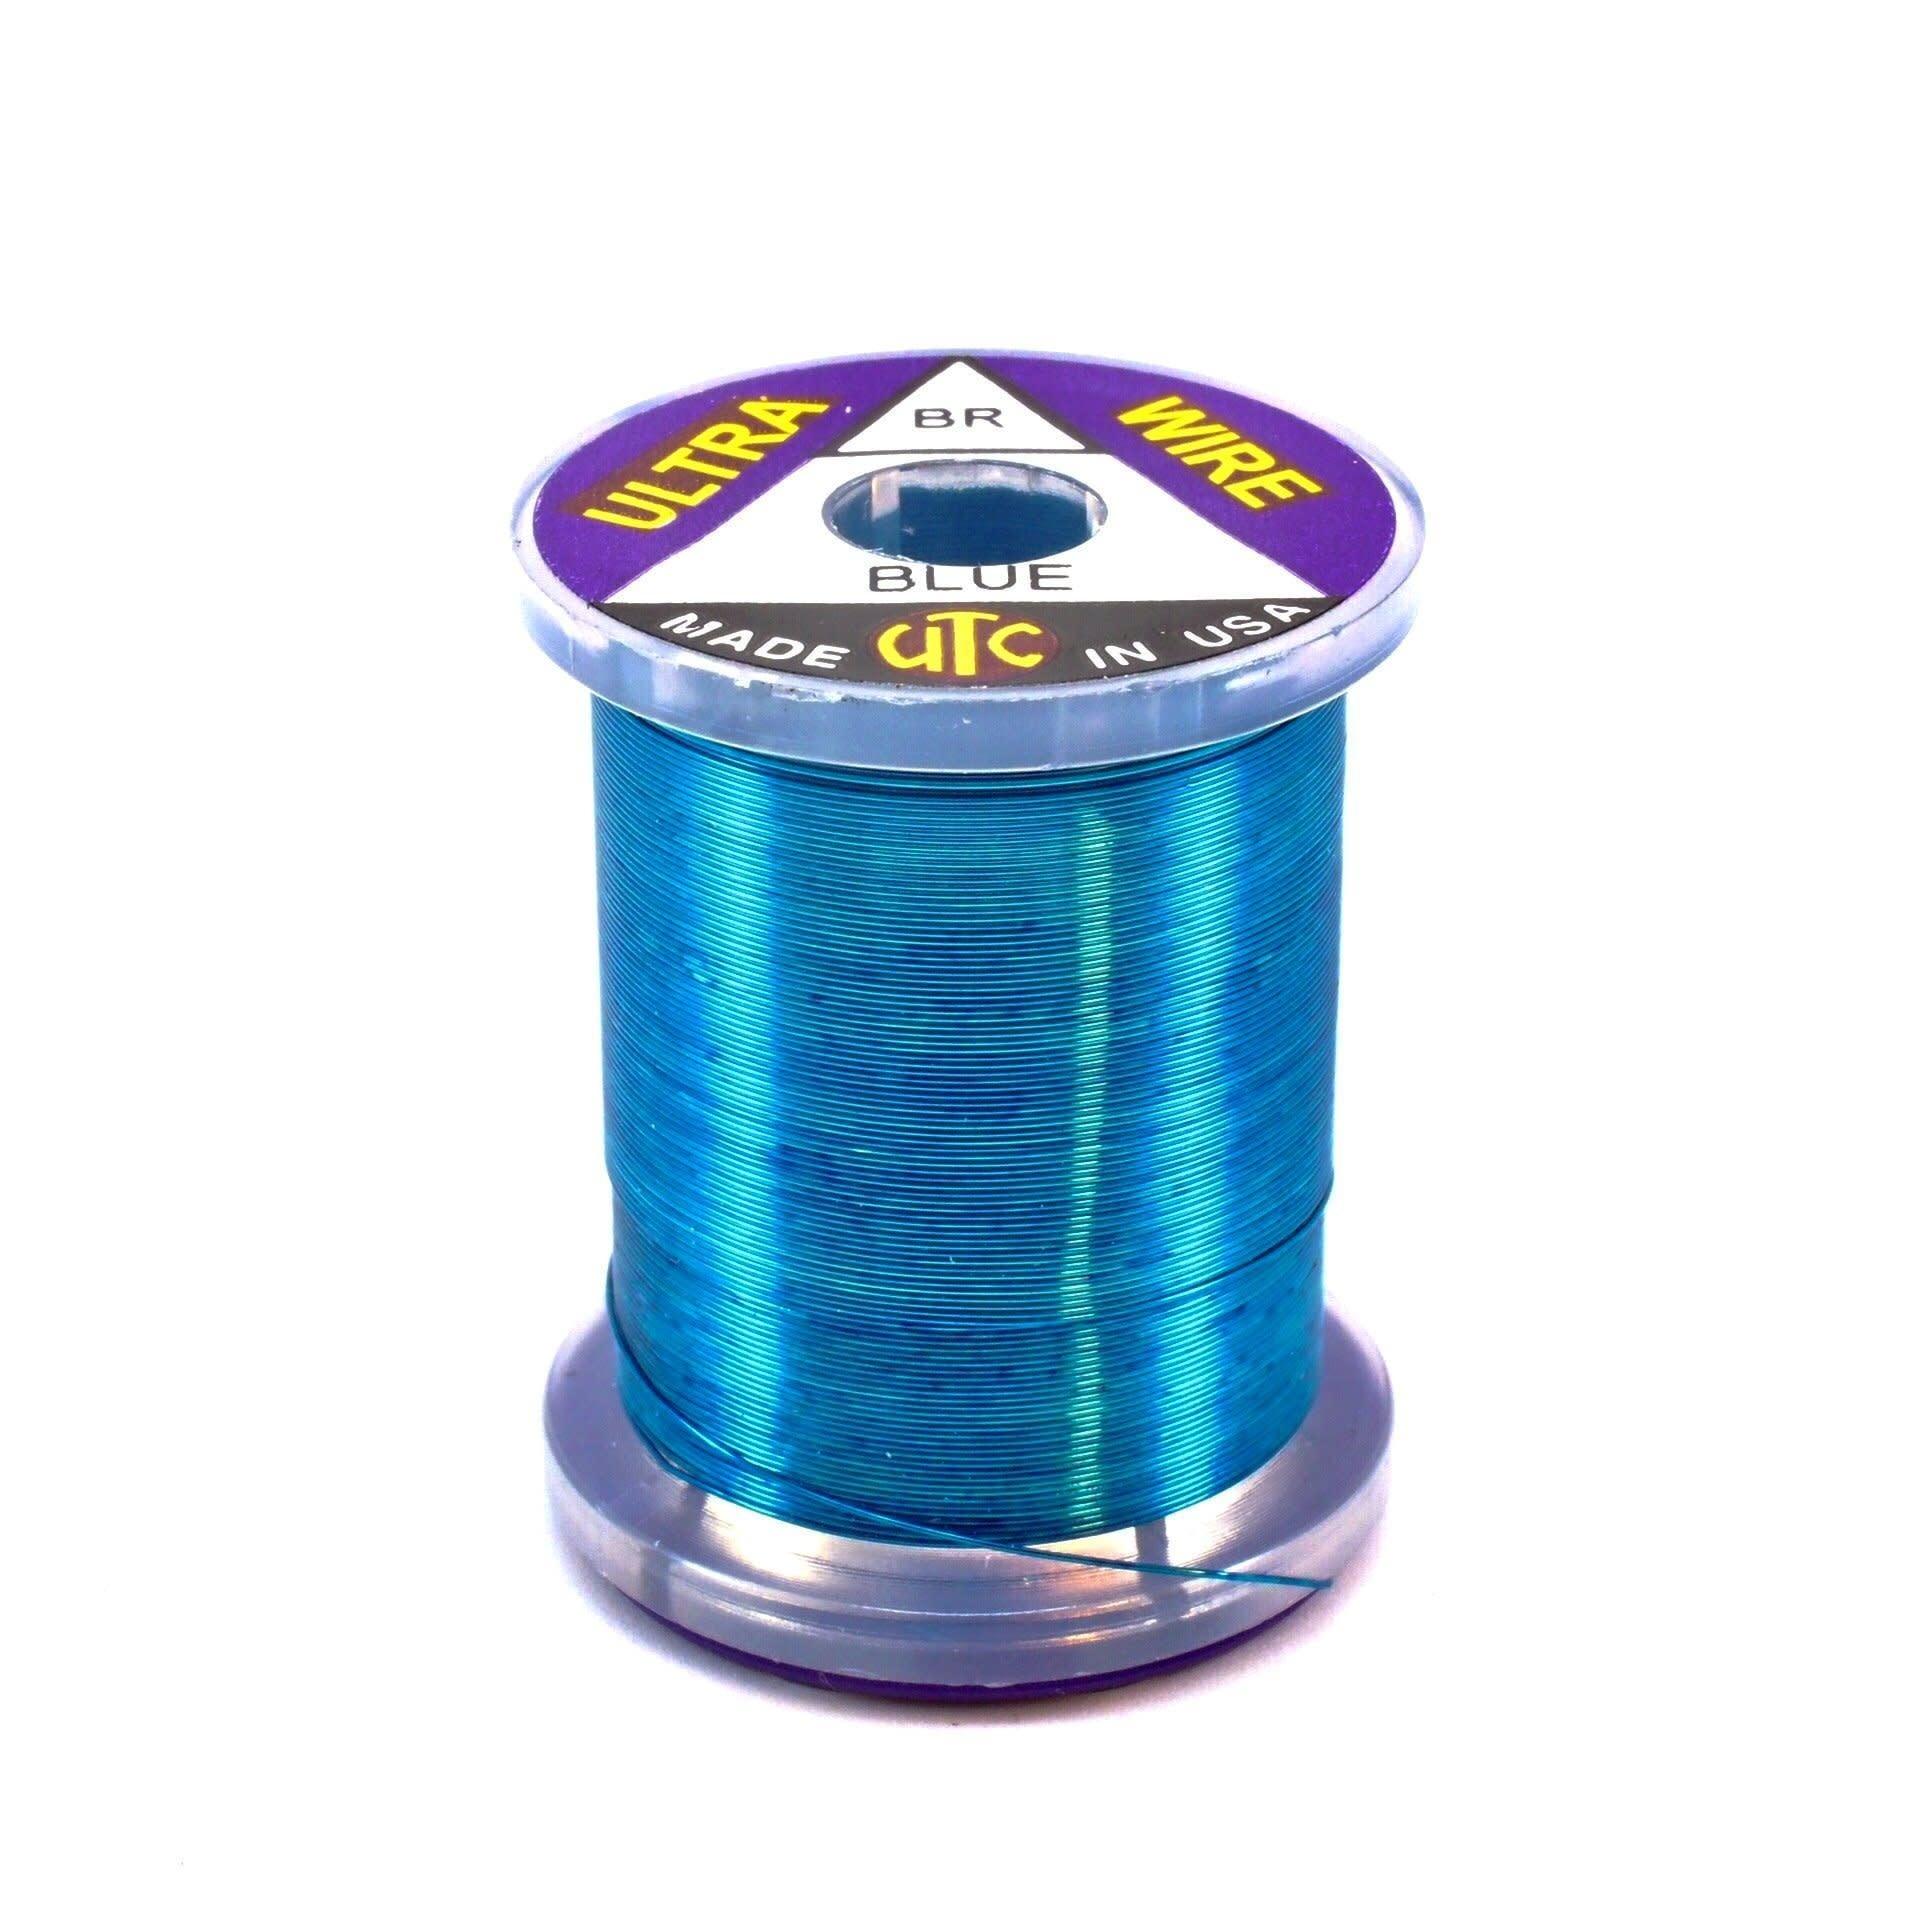 UTC UTC WIRE BRASSIE - Blue Metallic